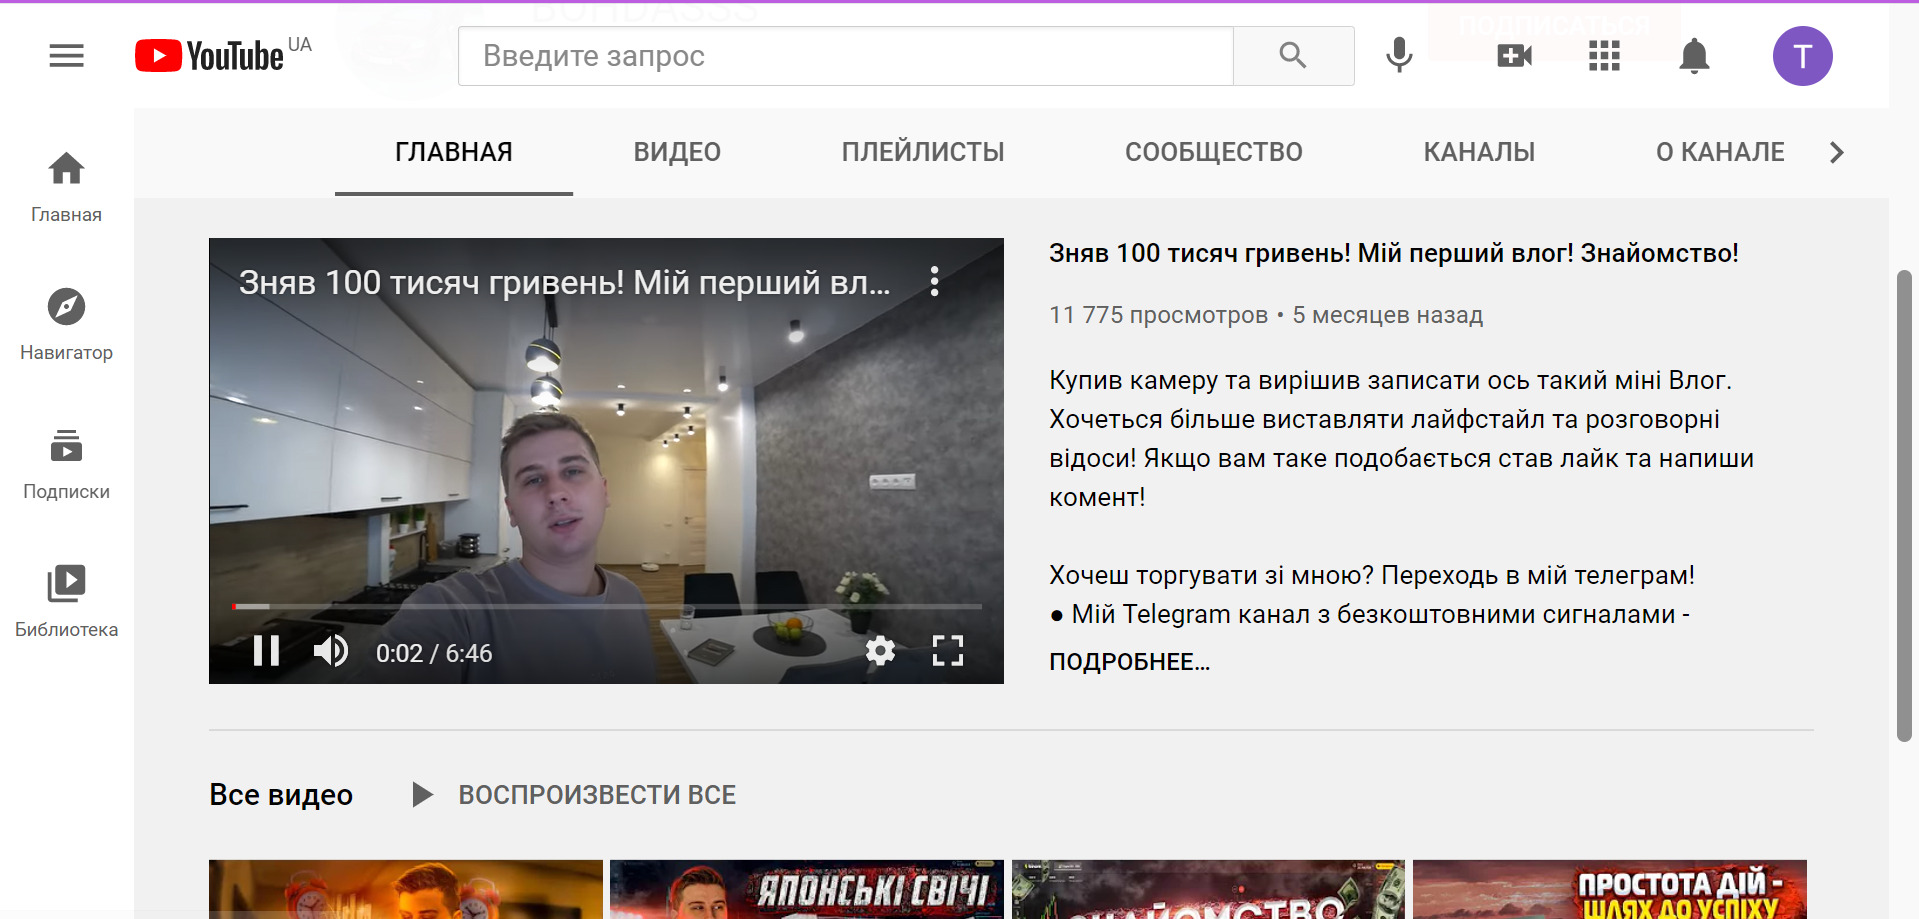 YоuTube-канал